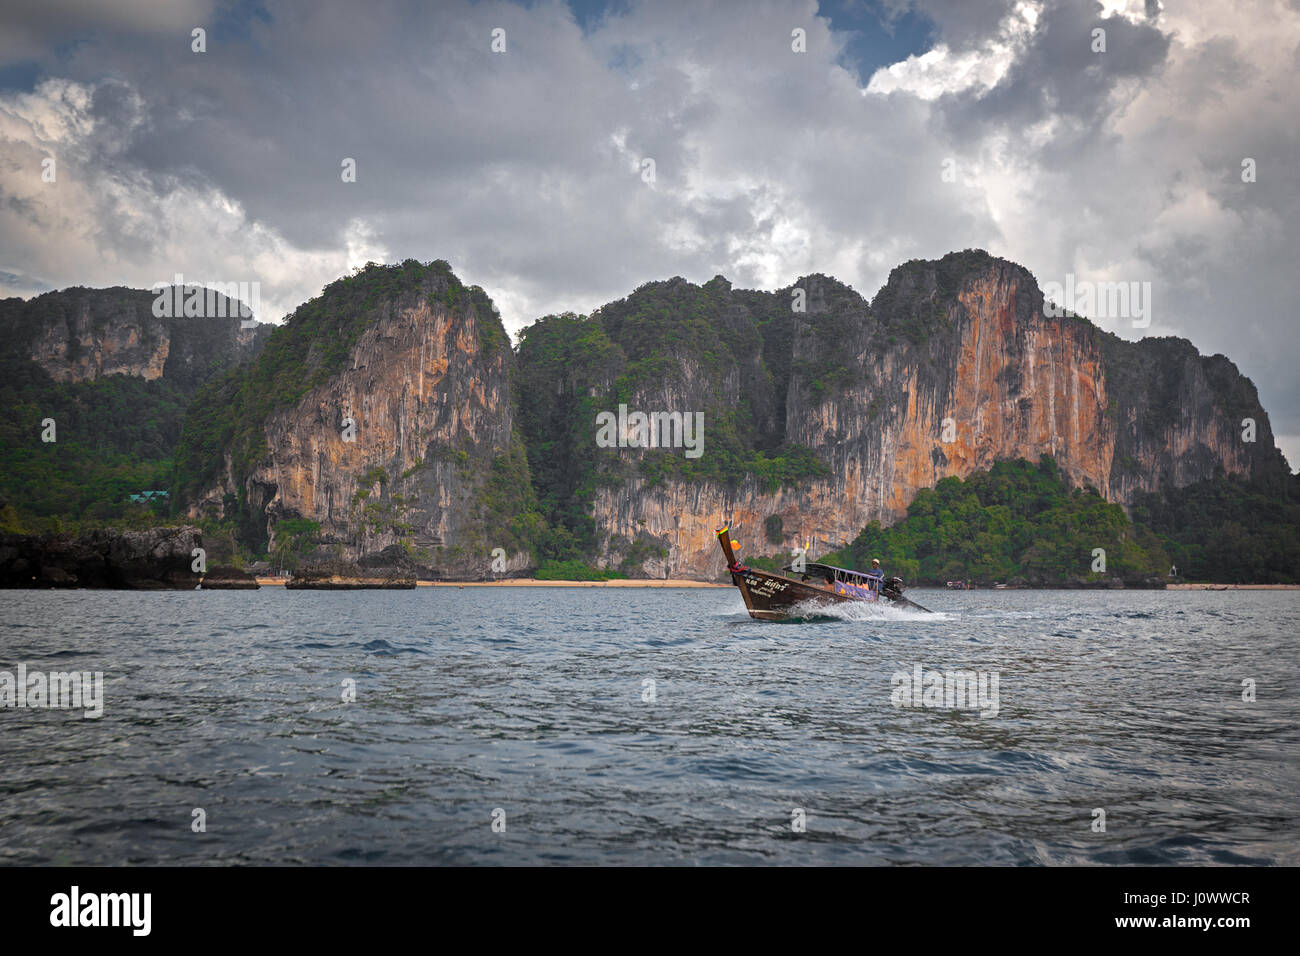 Di una barca dalla coda lunga e la voce torna ad Ao Nang da Railay Beach, Provincia di Krabi, Thailandia, Sud-est Immagini Stock